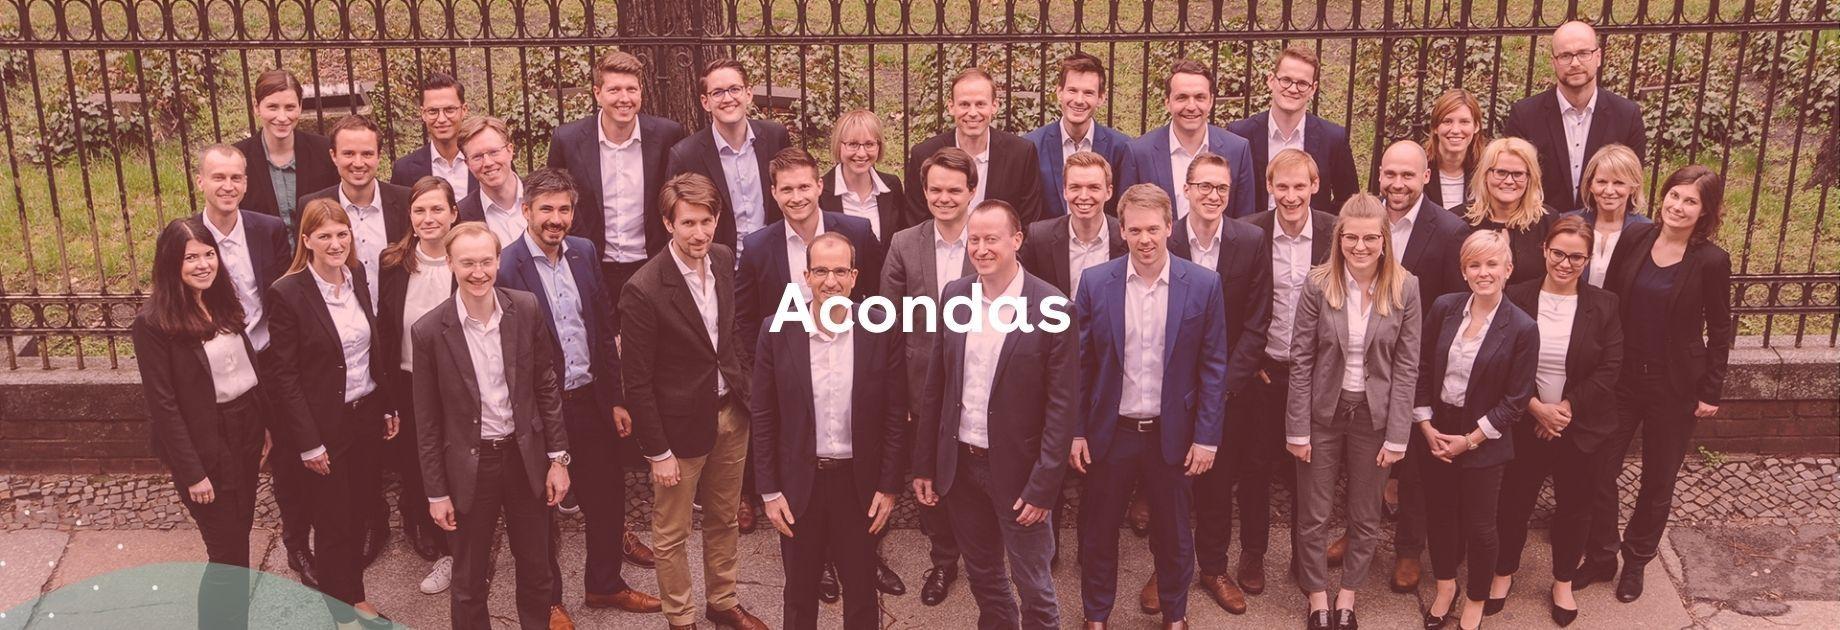 Acondas